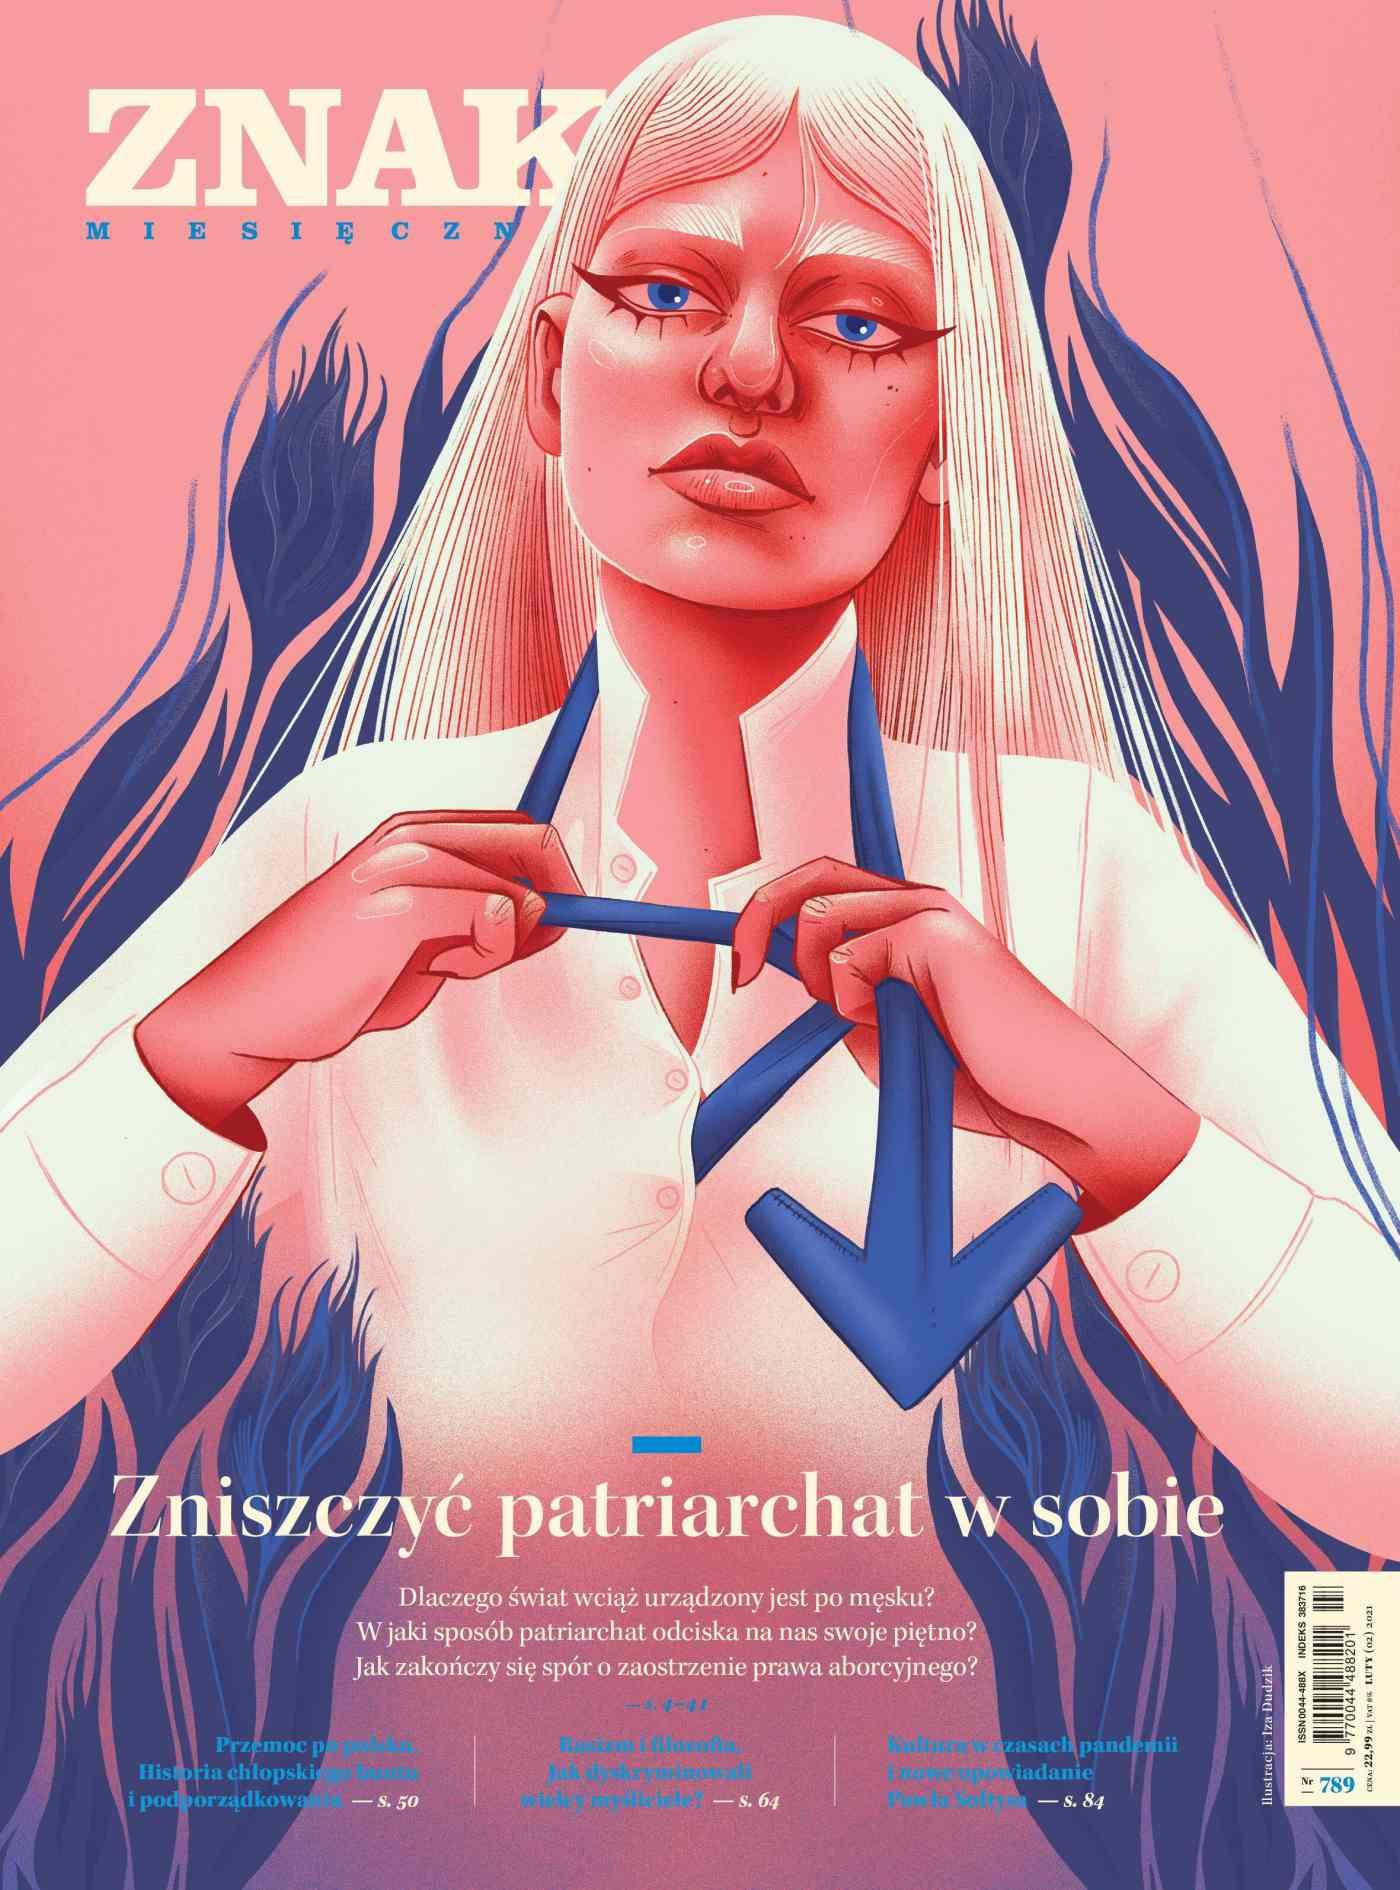 Miesięcznik Znak nr 789. Zniszczyć patriarchat w sobie - Ebook (Książka na Kindle) do pobrania w formacie MOBI